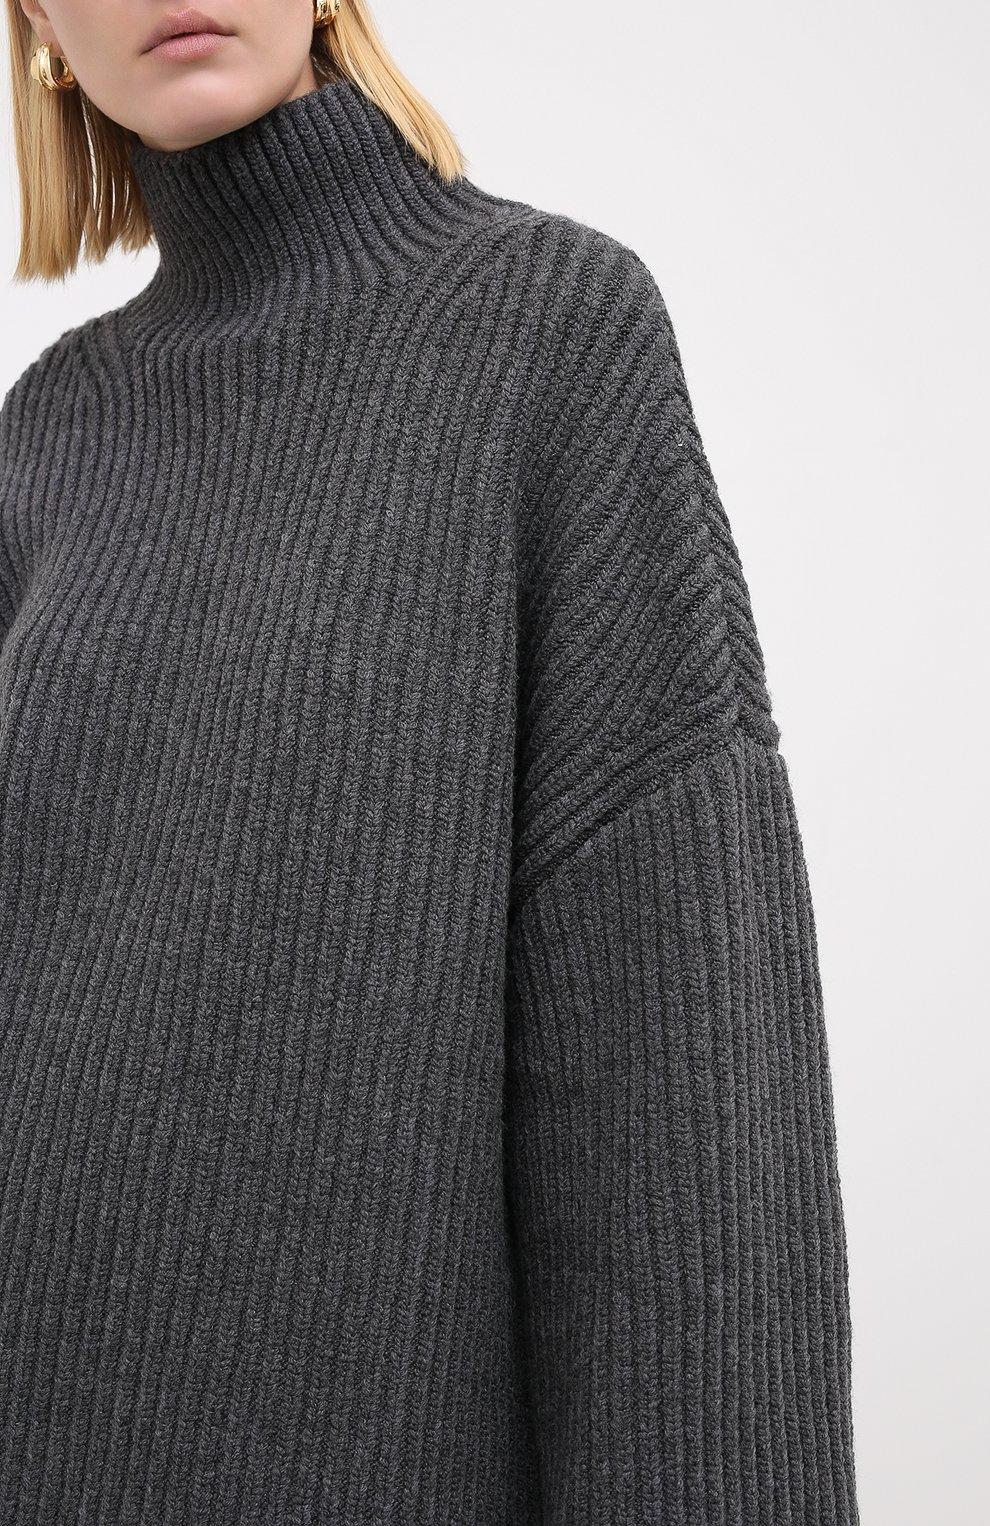 Женский шерстяной свитер NANUSHKA серого цвета, арт. RAW_CHARC0AL_S0FT W00L BLEND KNIT   Фото 3